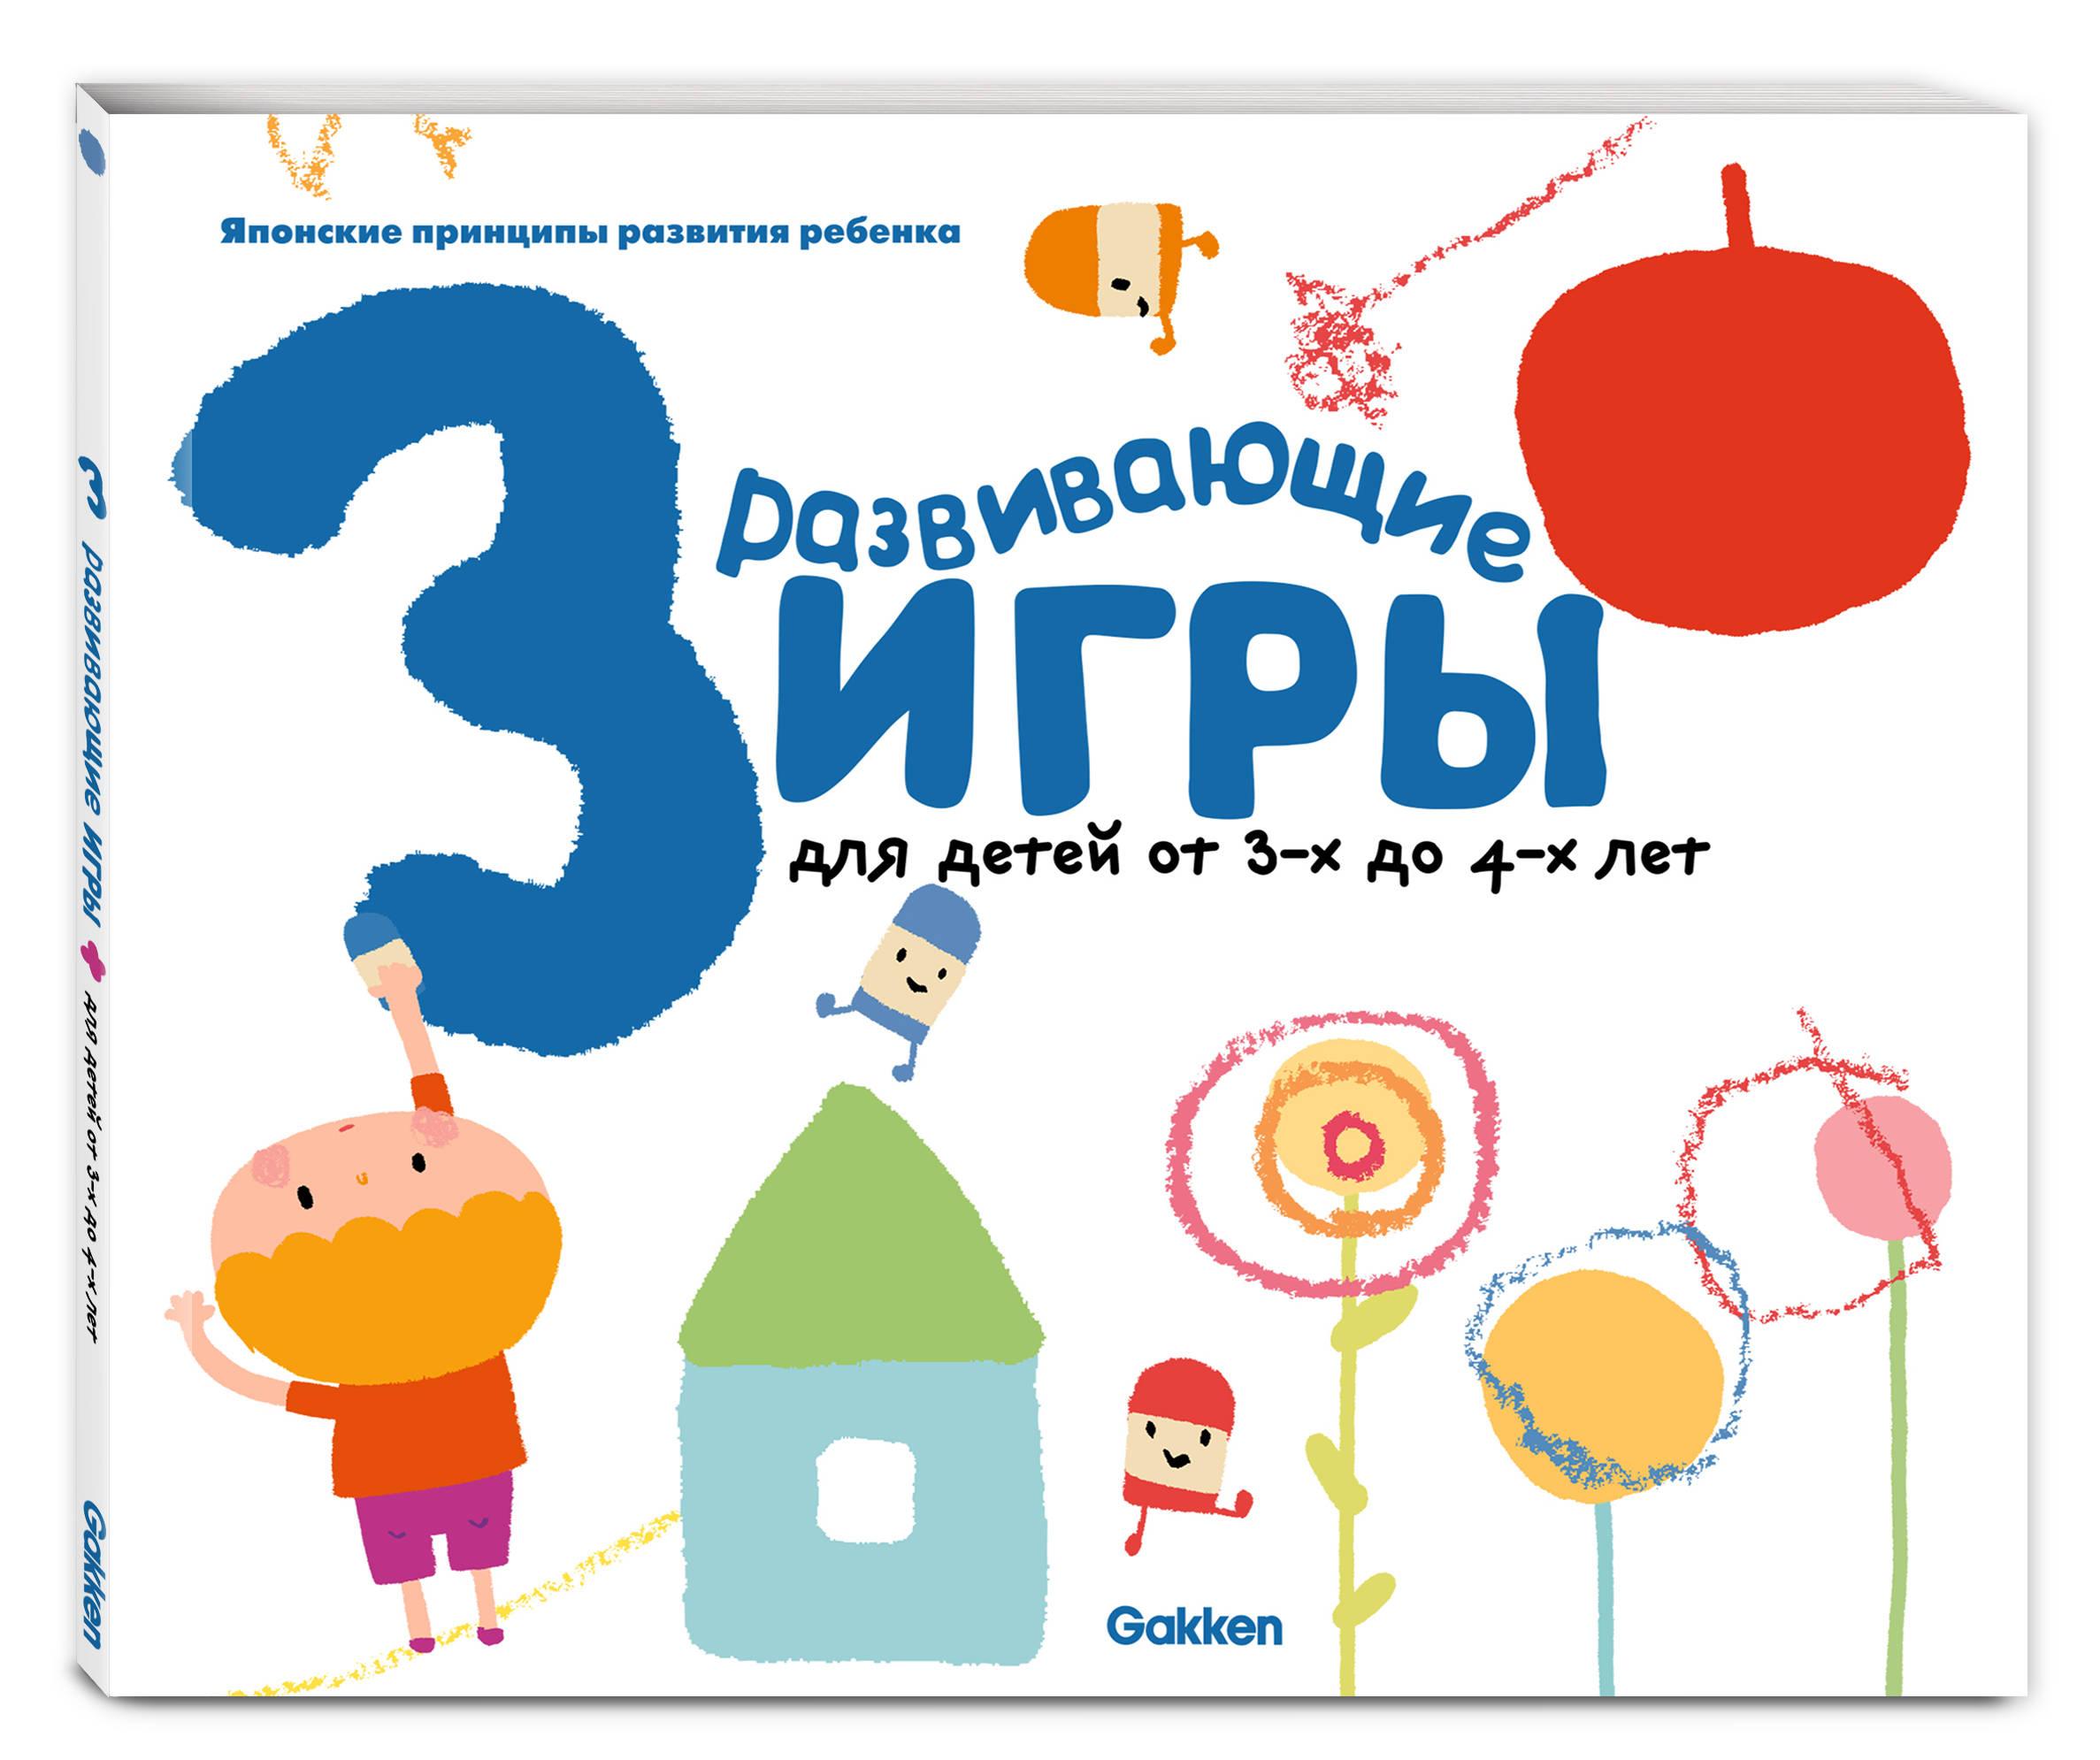 Gakken. Развивающие игры для детей от 3-х до 4-х лет (с наклейками) в в лещинская развивающие игры с детьми до 3 х лет